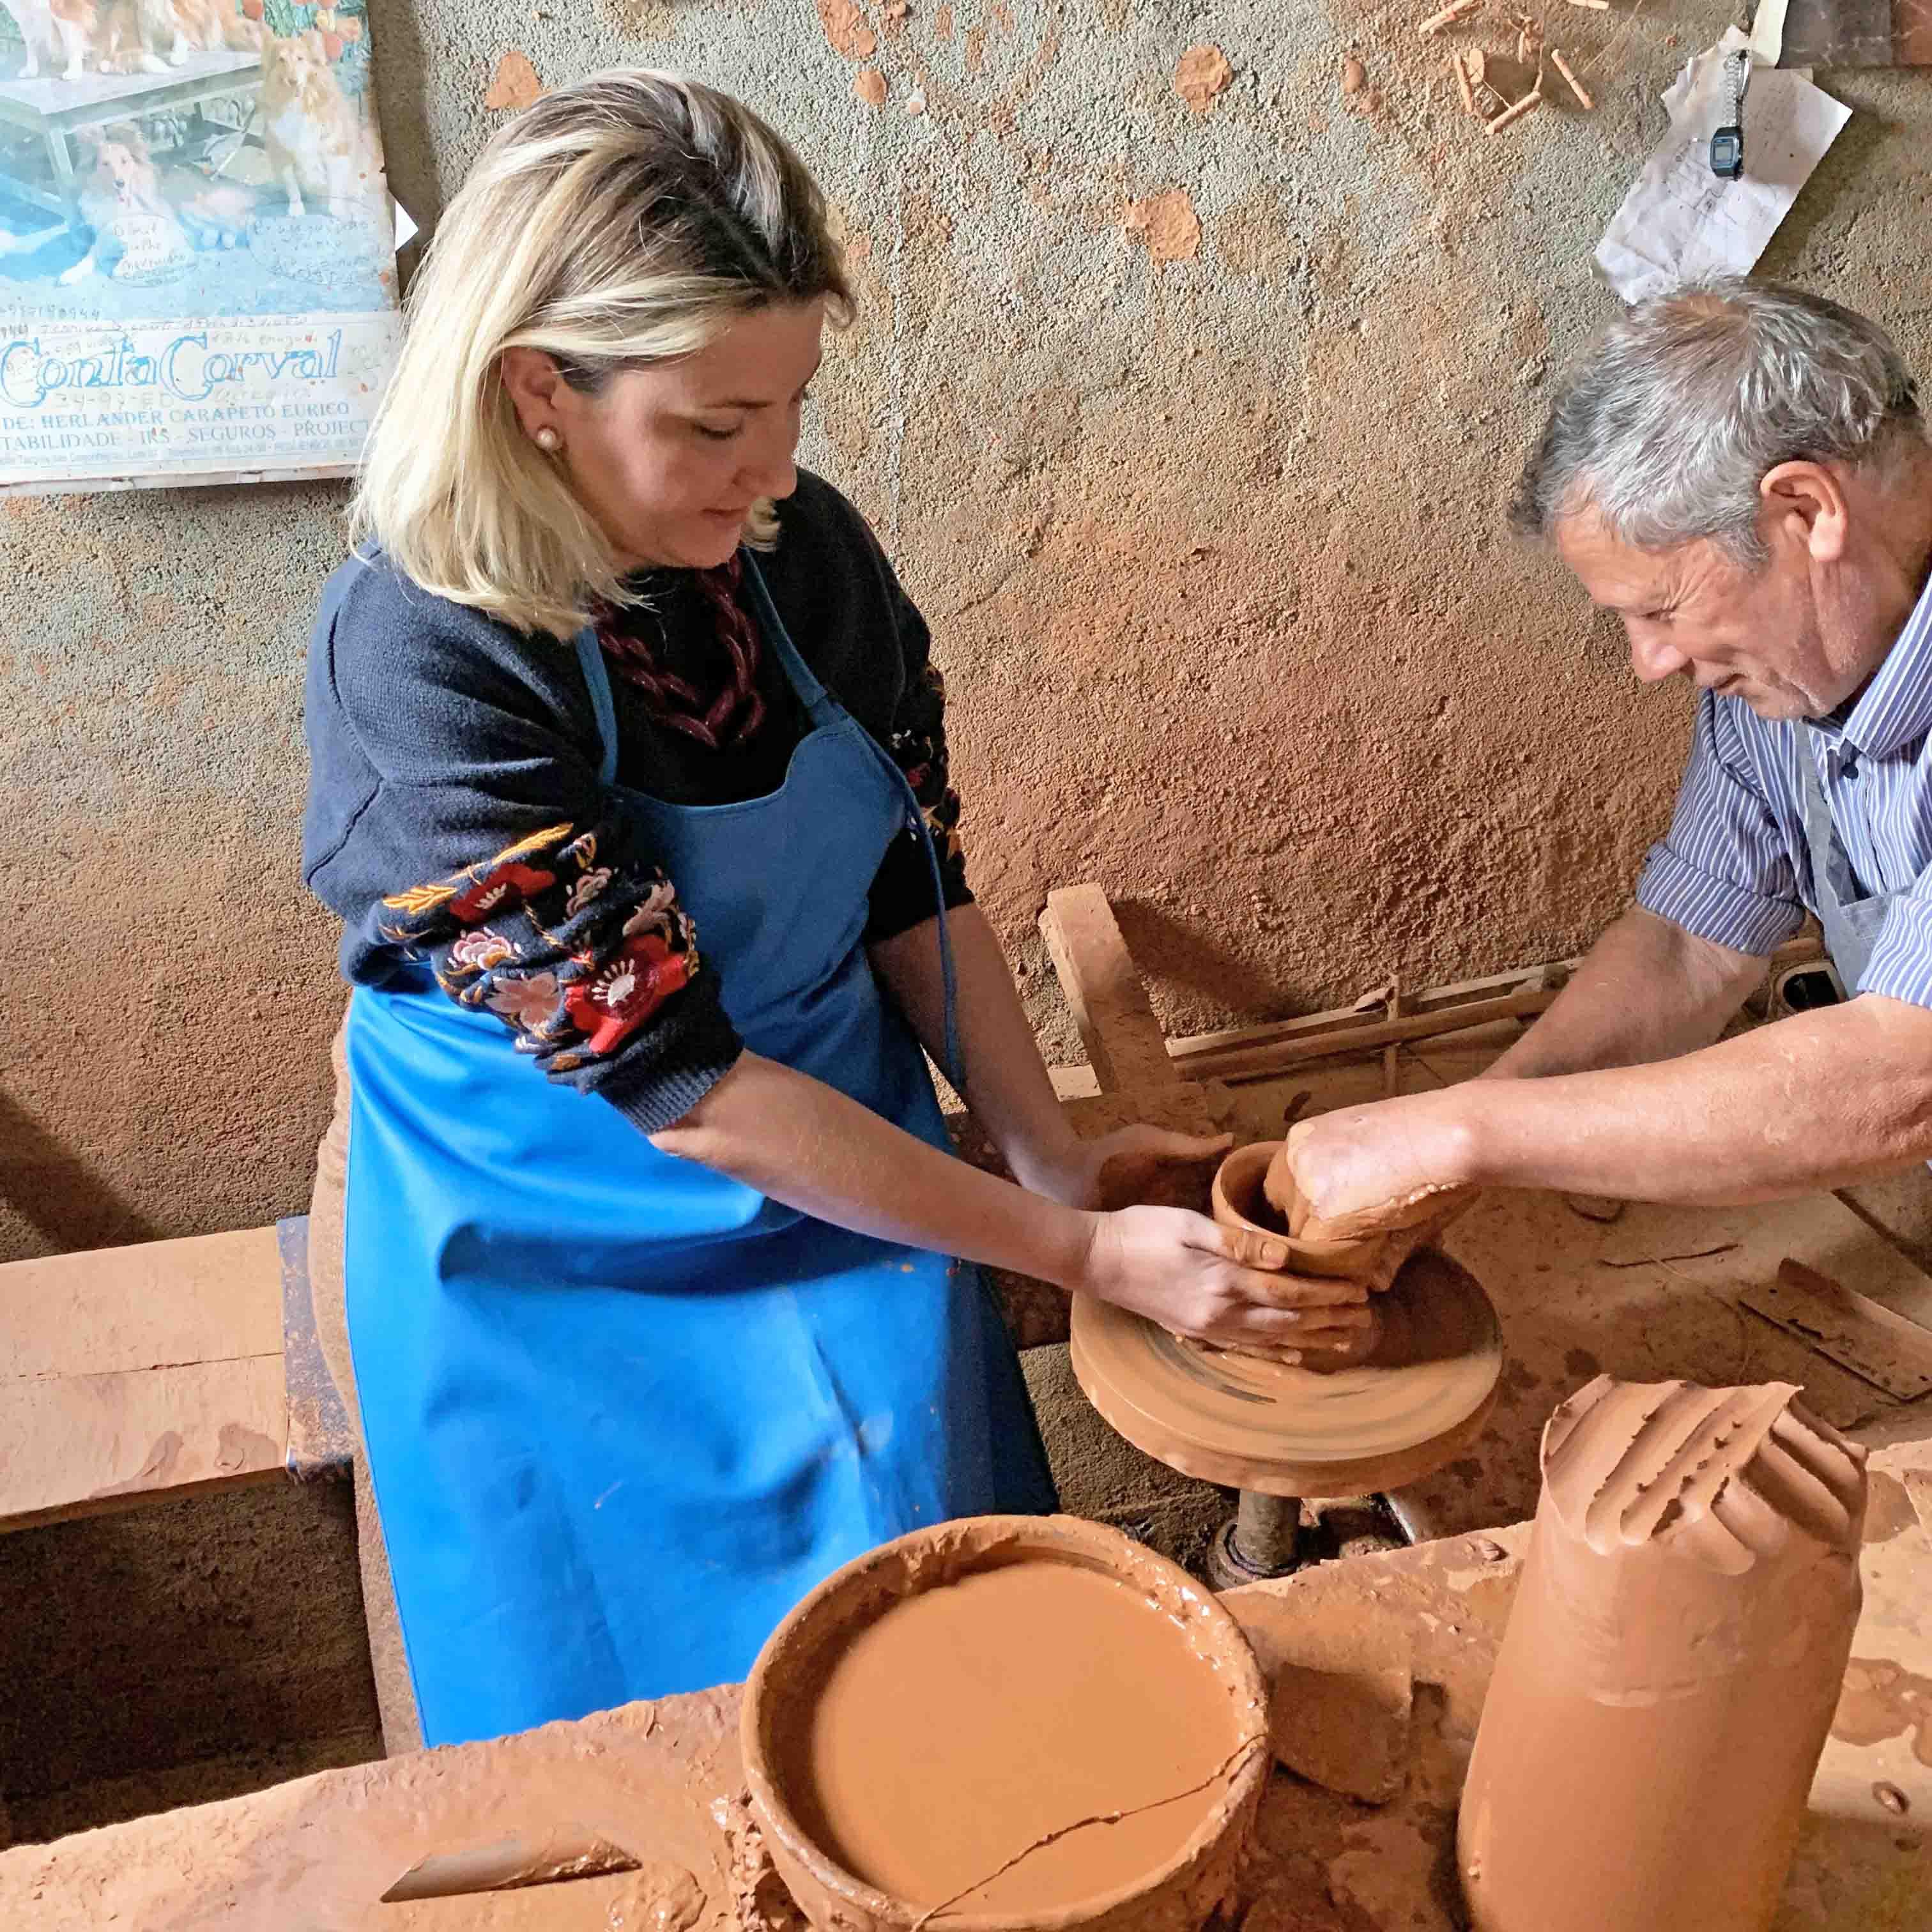 Oficina cerâmica - Olaria Bulhão - Alentejo - Portugal